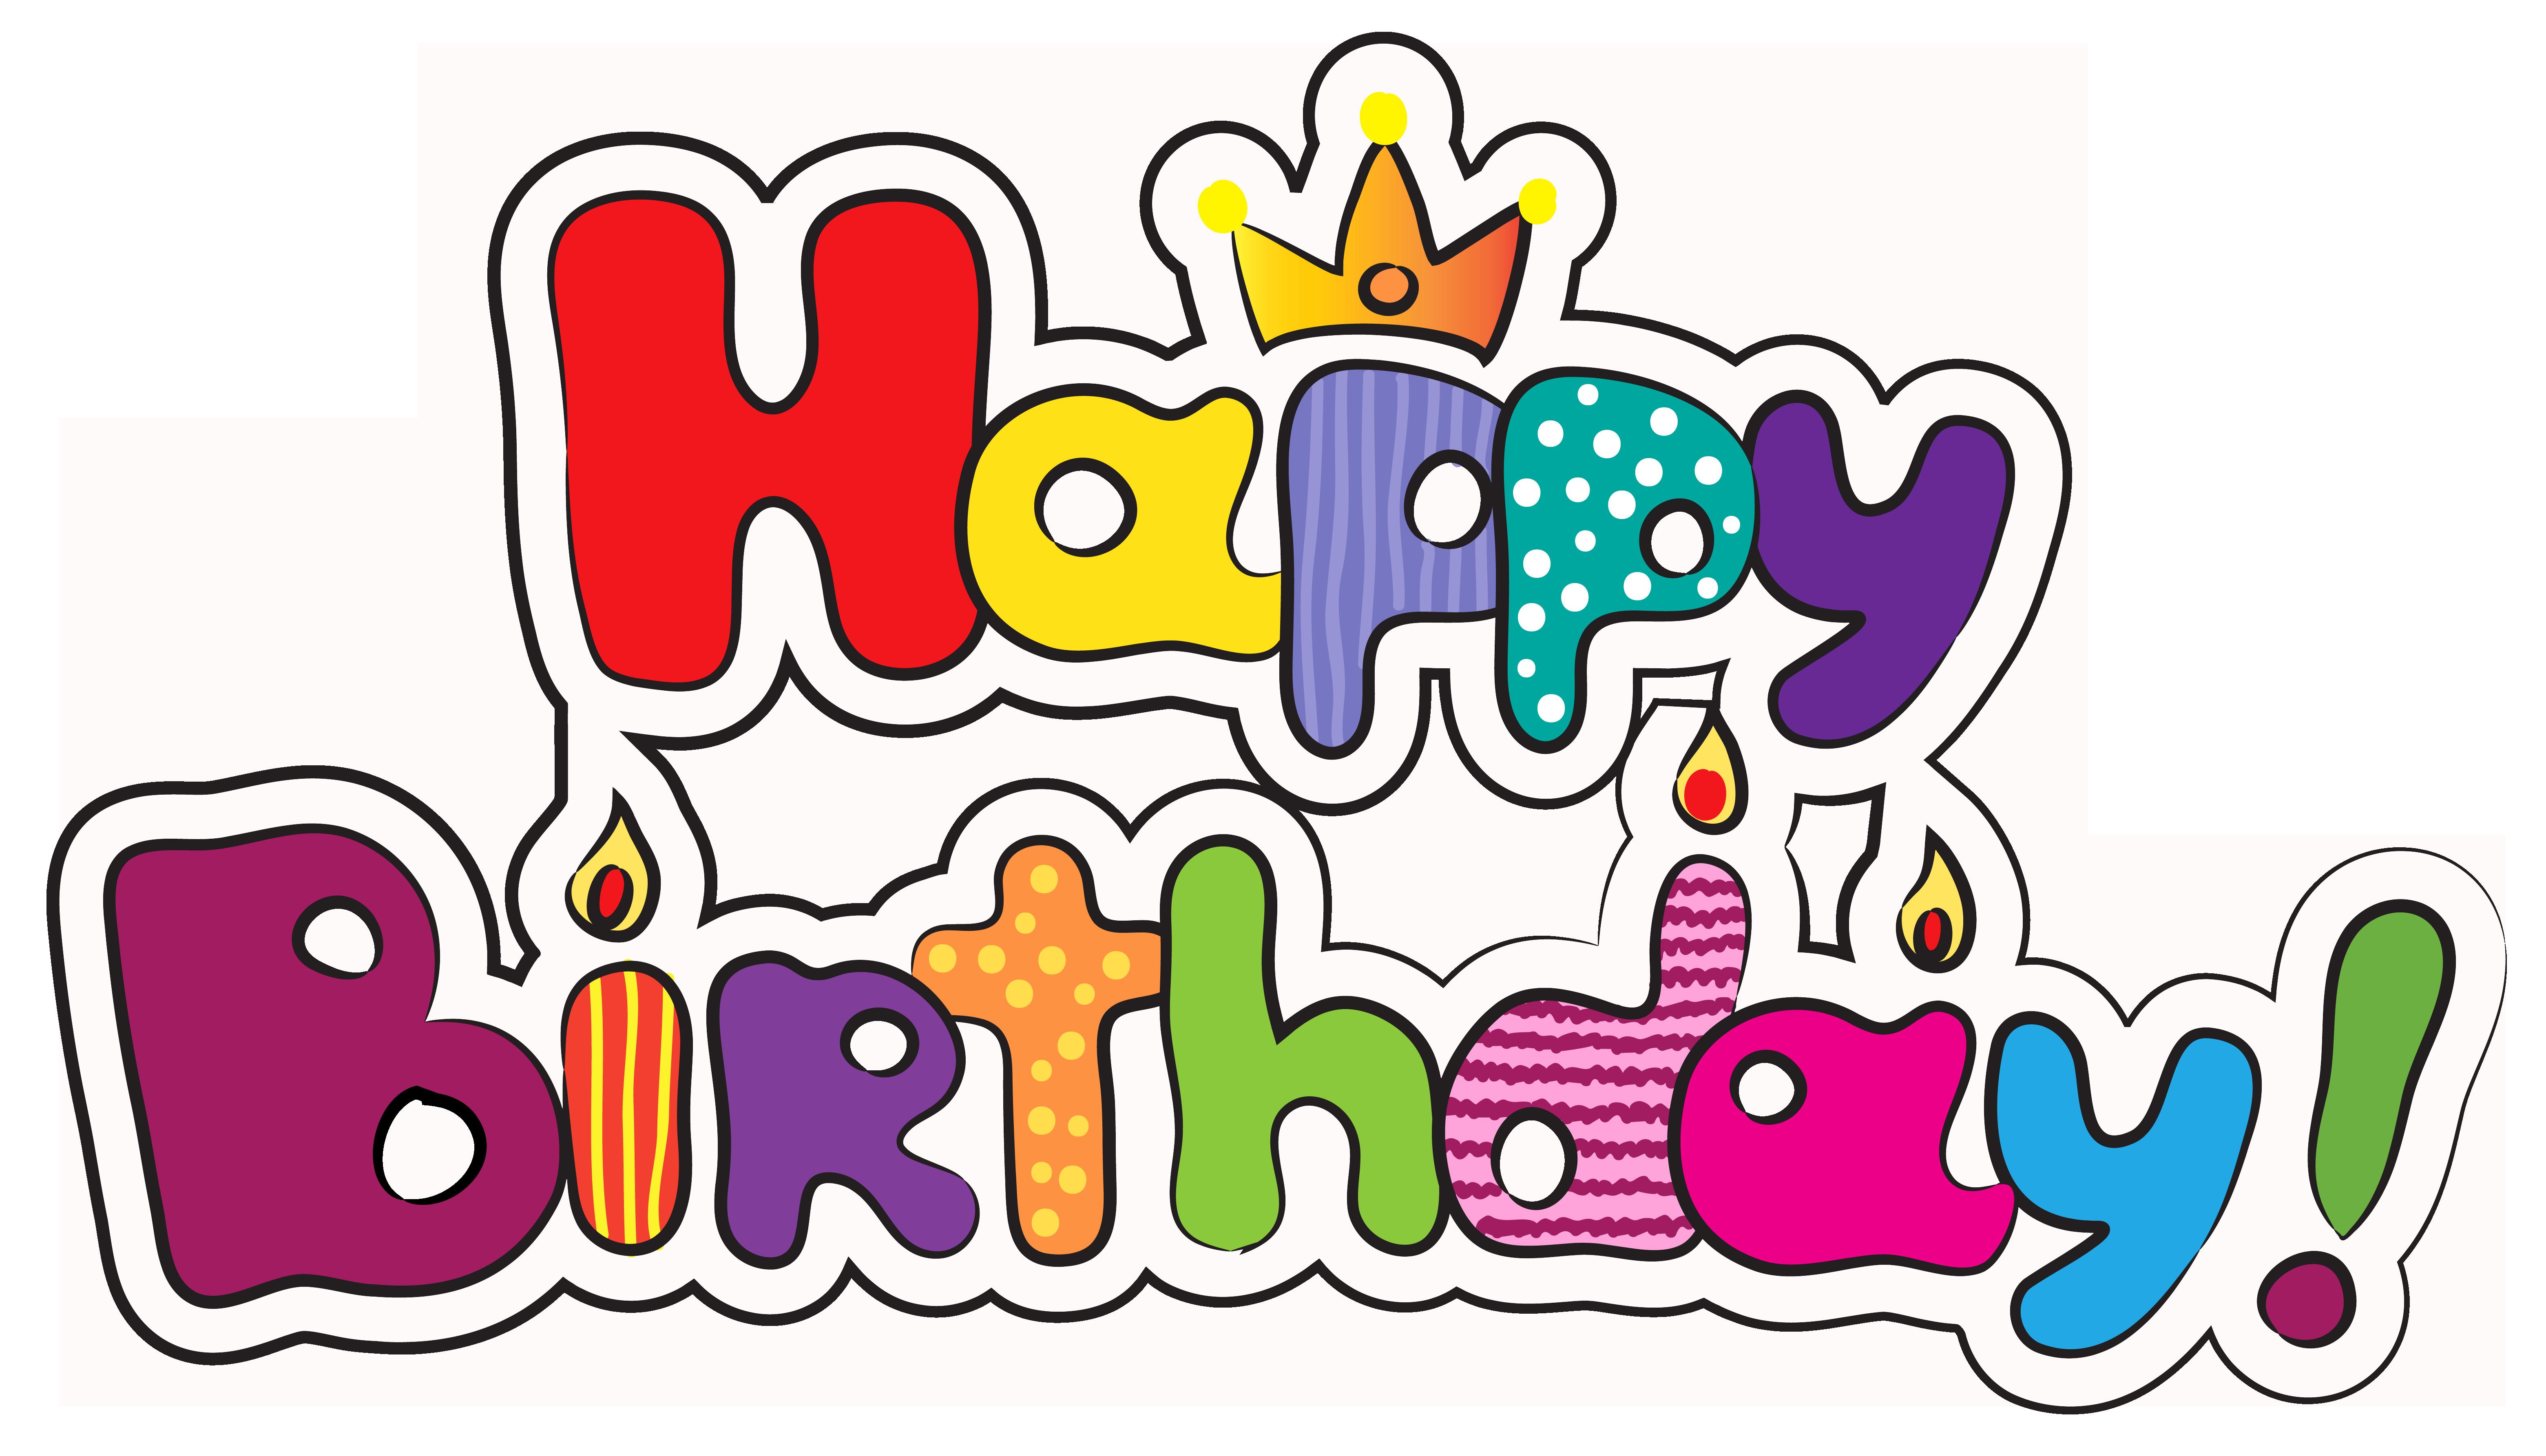 Cliparts zum 18 geburtstag image royalty free stock Geburtstag Bilder Peanuts Finest Wand Betreffend Geburtstag Bilder ... image royalty free stock